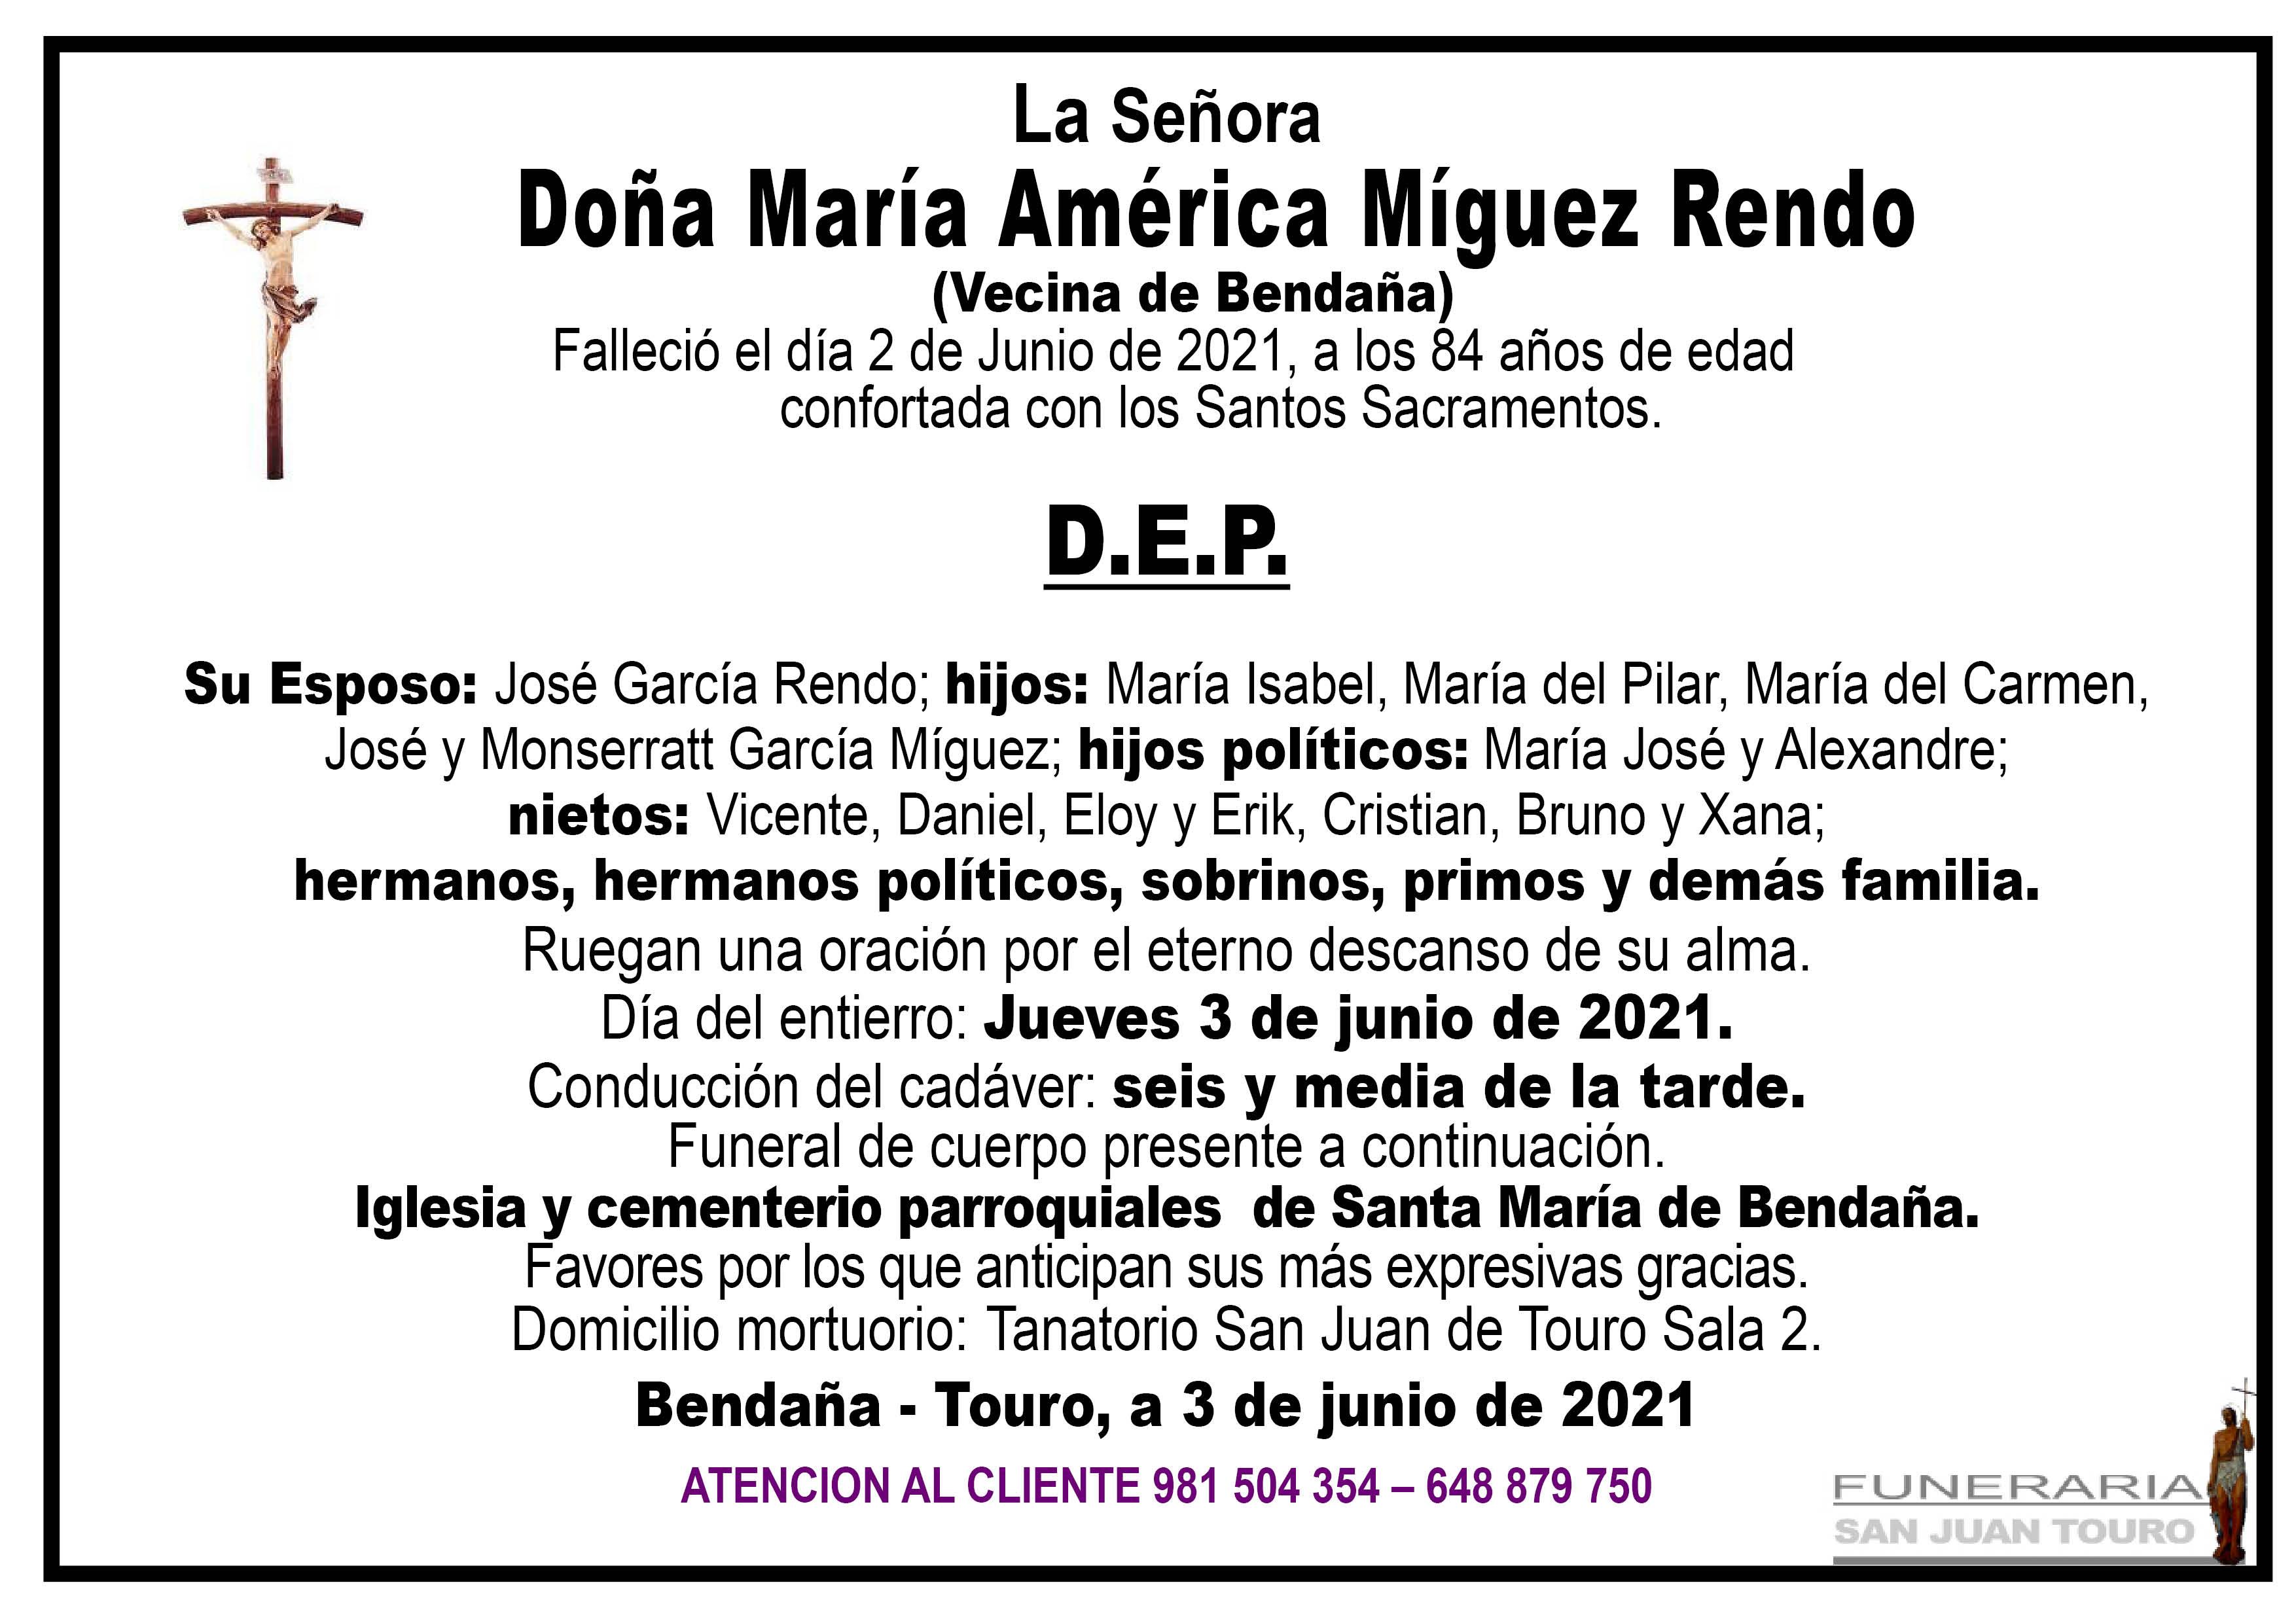 Esquela de SEPELIO DE DOÑA MARÍA AMÉRICA MÍGUEZ RENDO